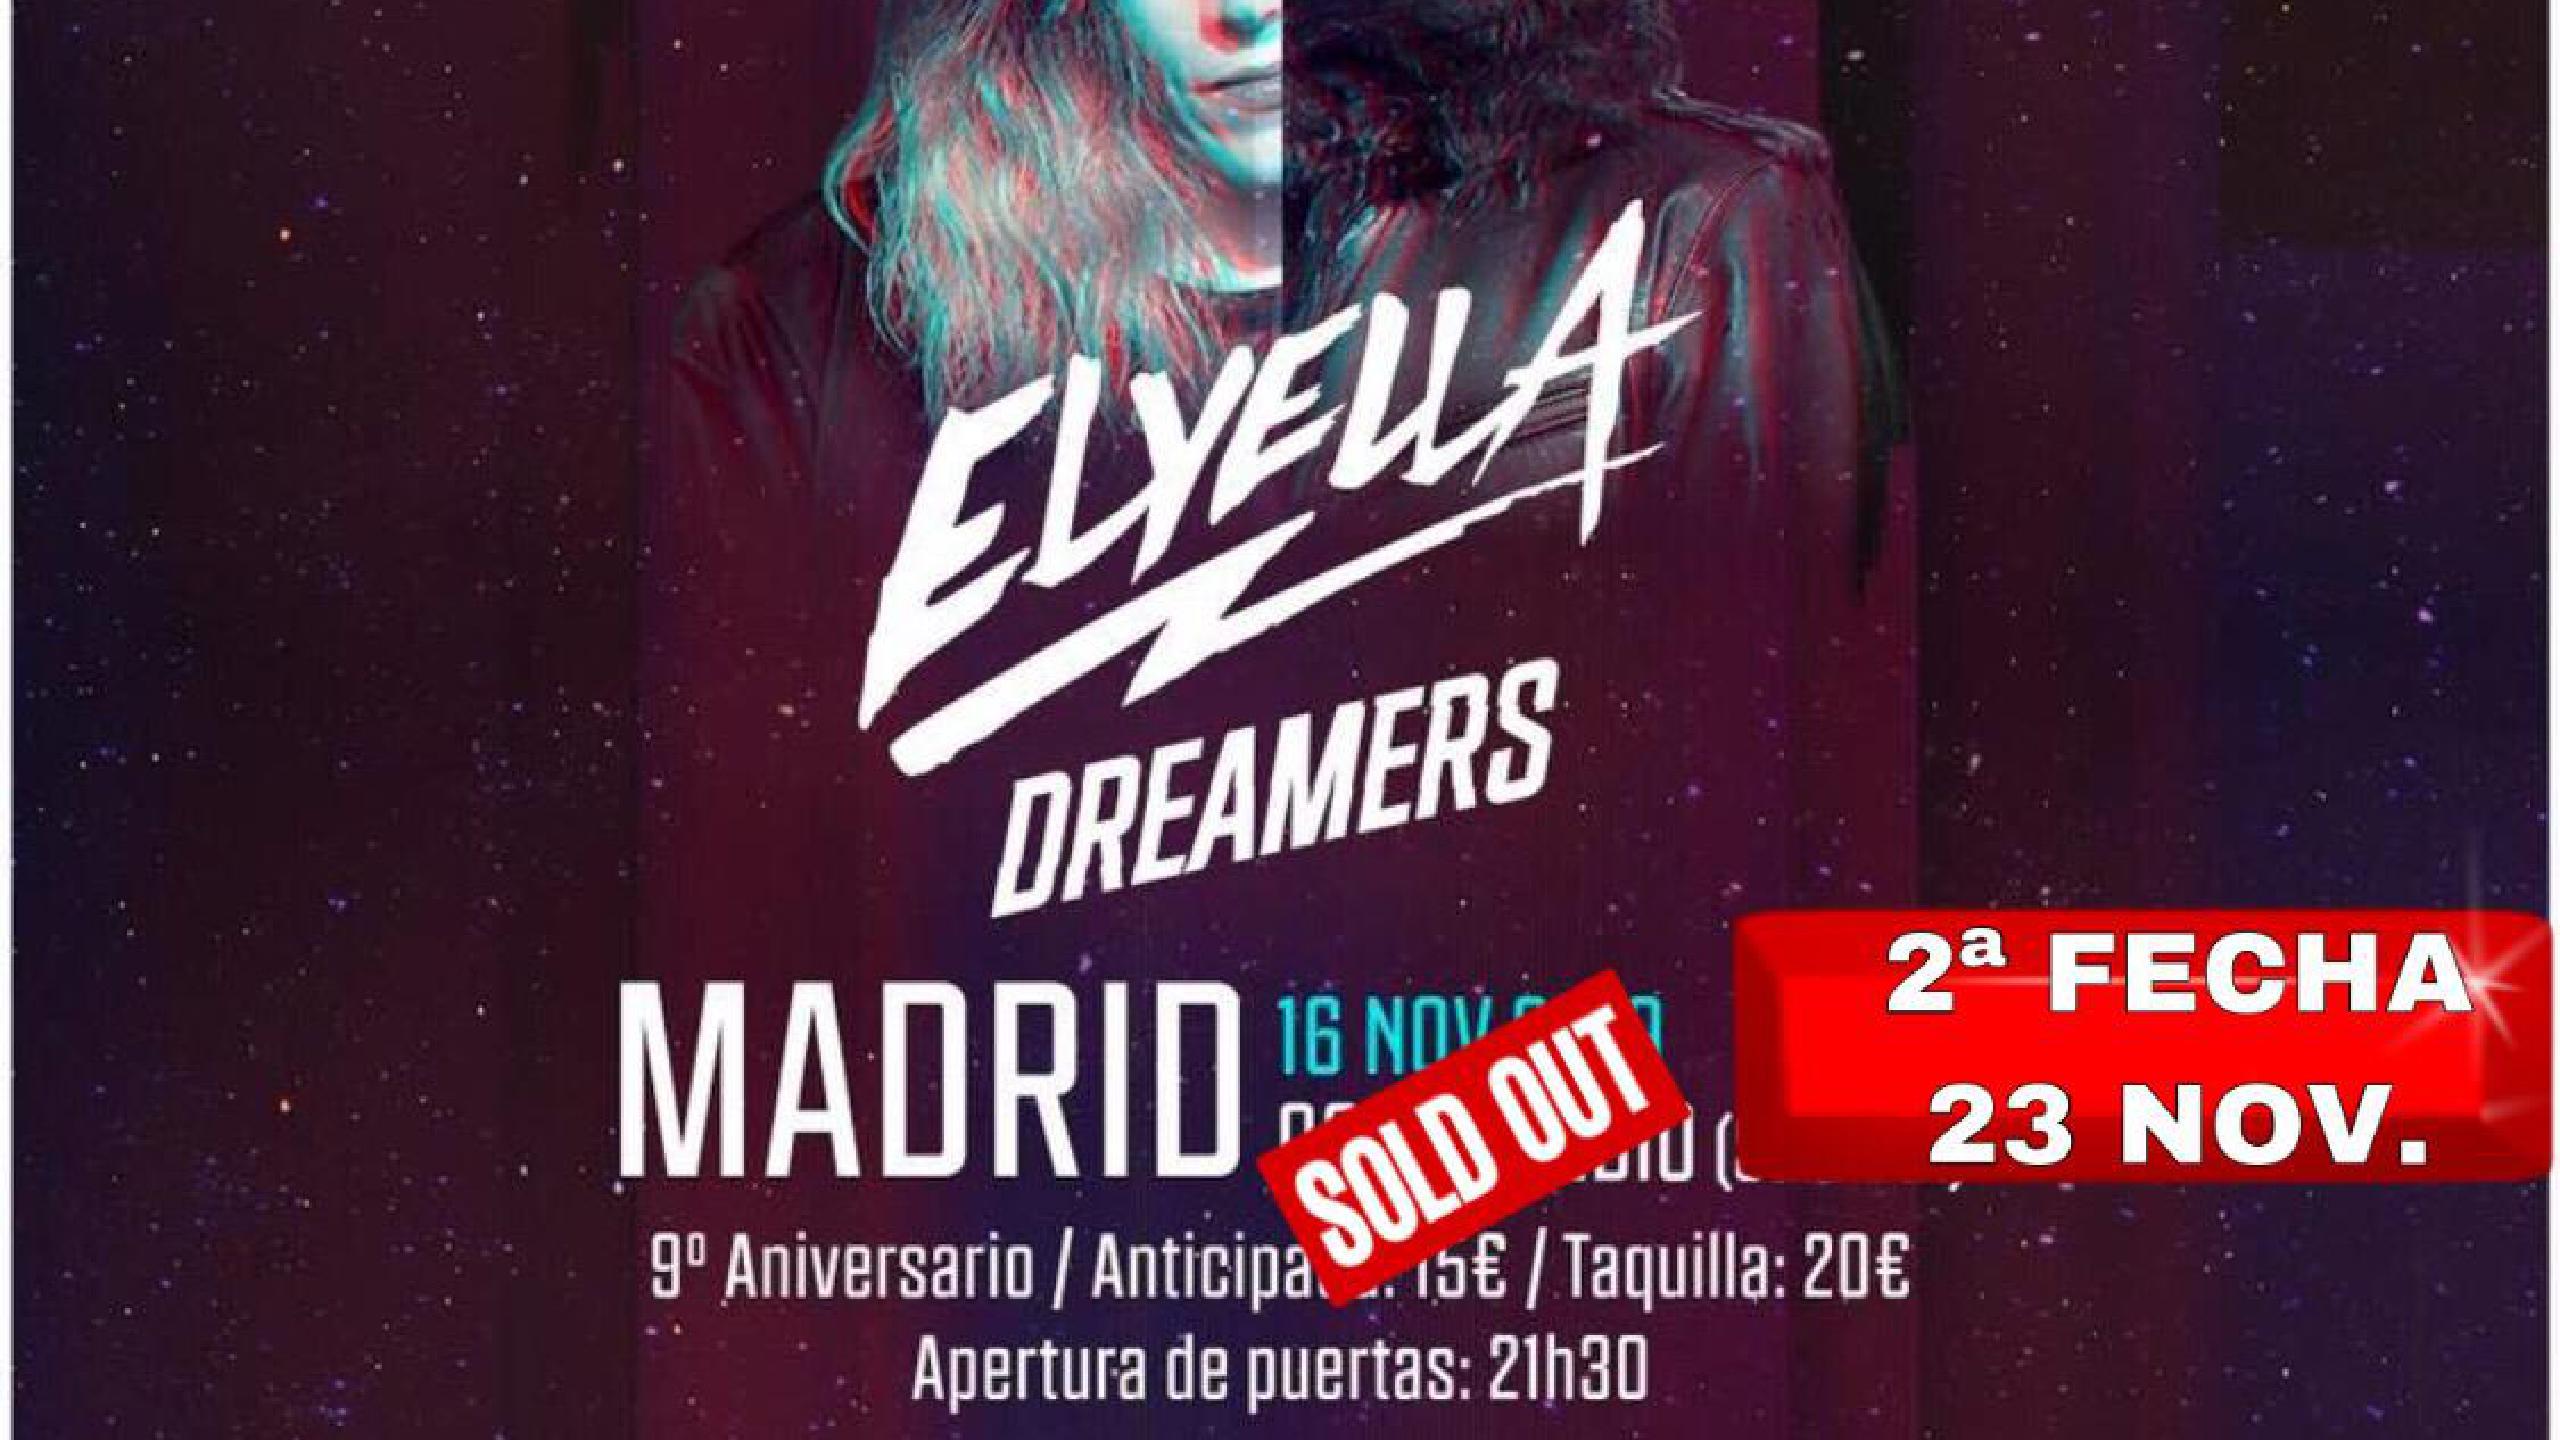 Elyella Concert Tickets For Ochoymedio Club Madrid Saturday 23